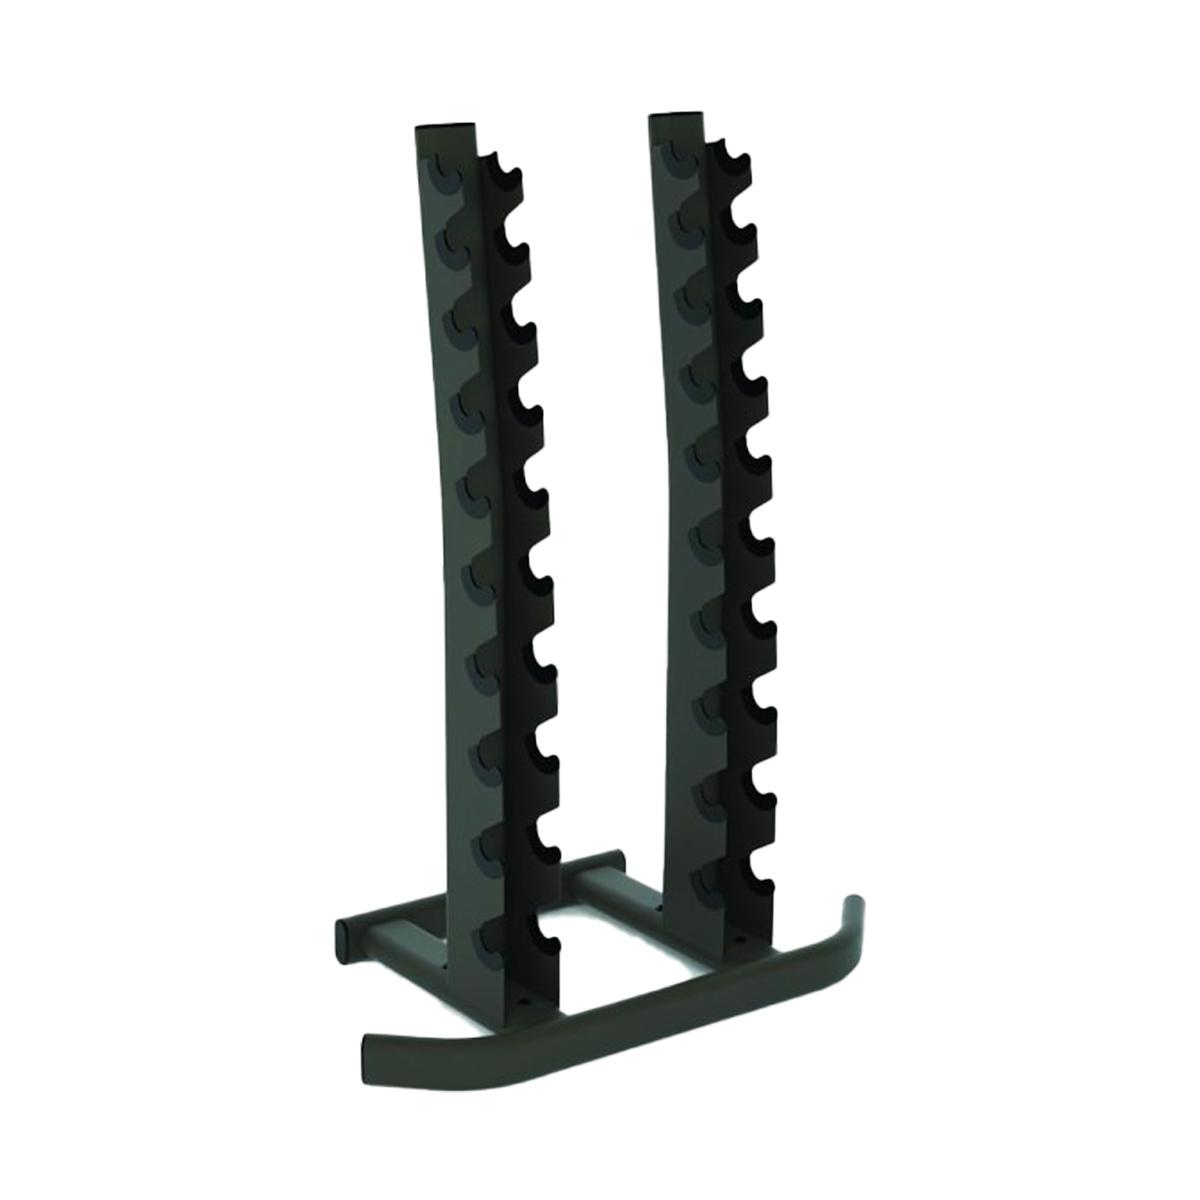 Support vertical Haltères à surface plane